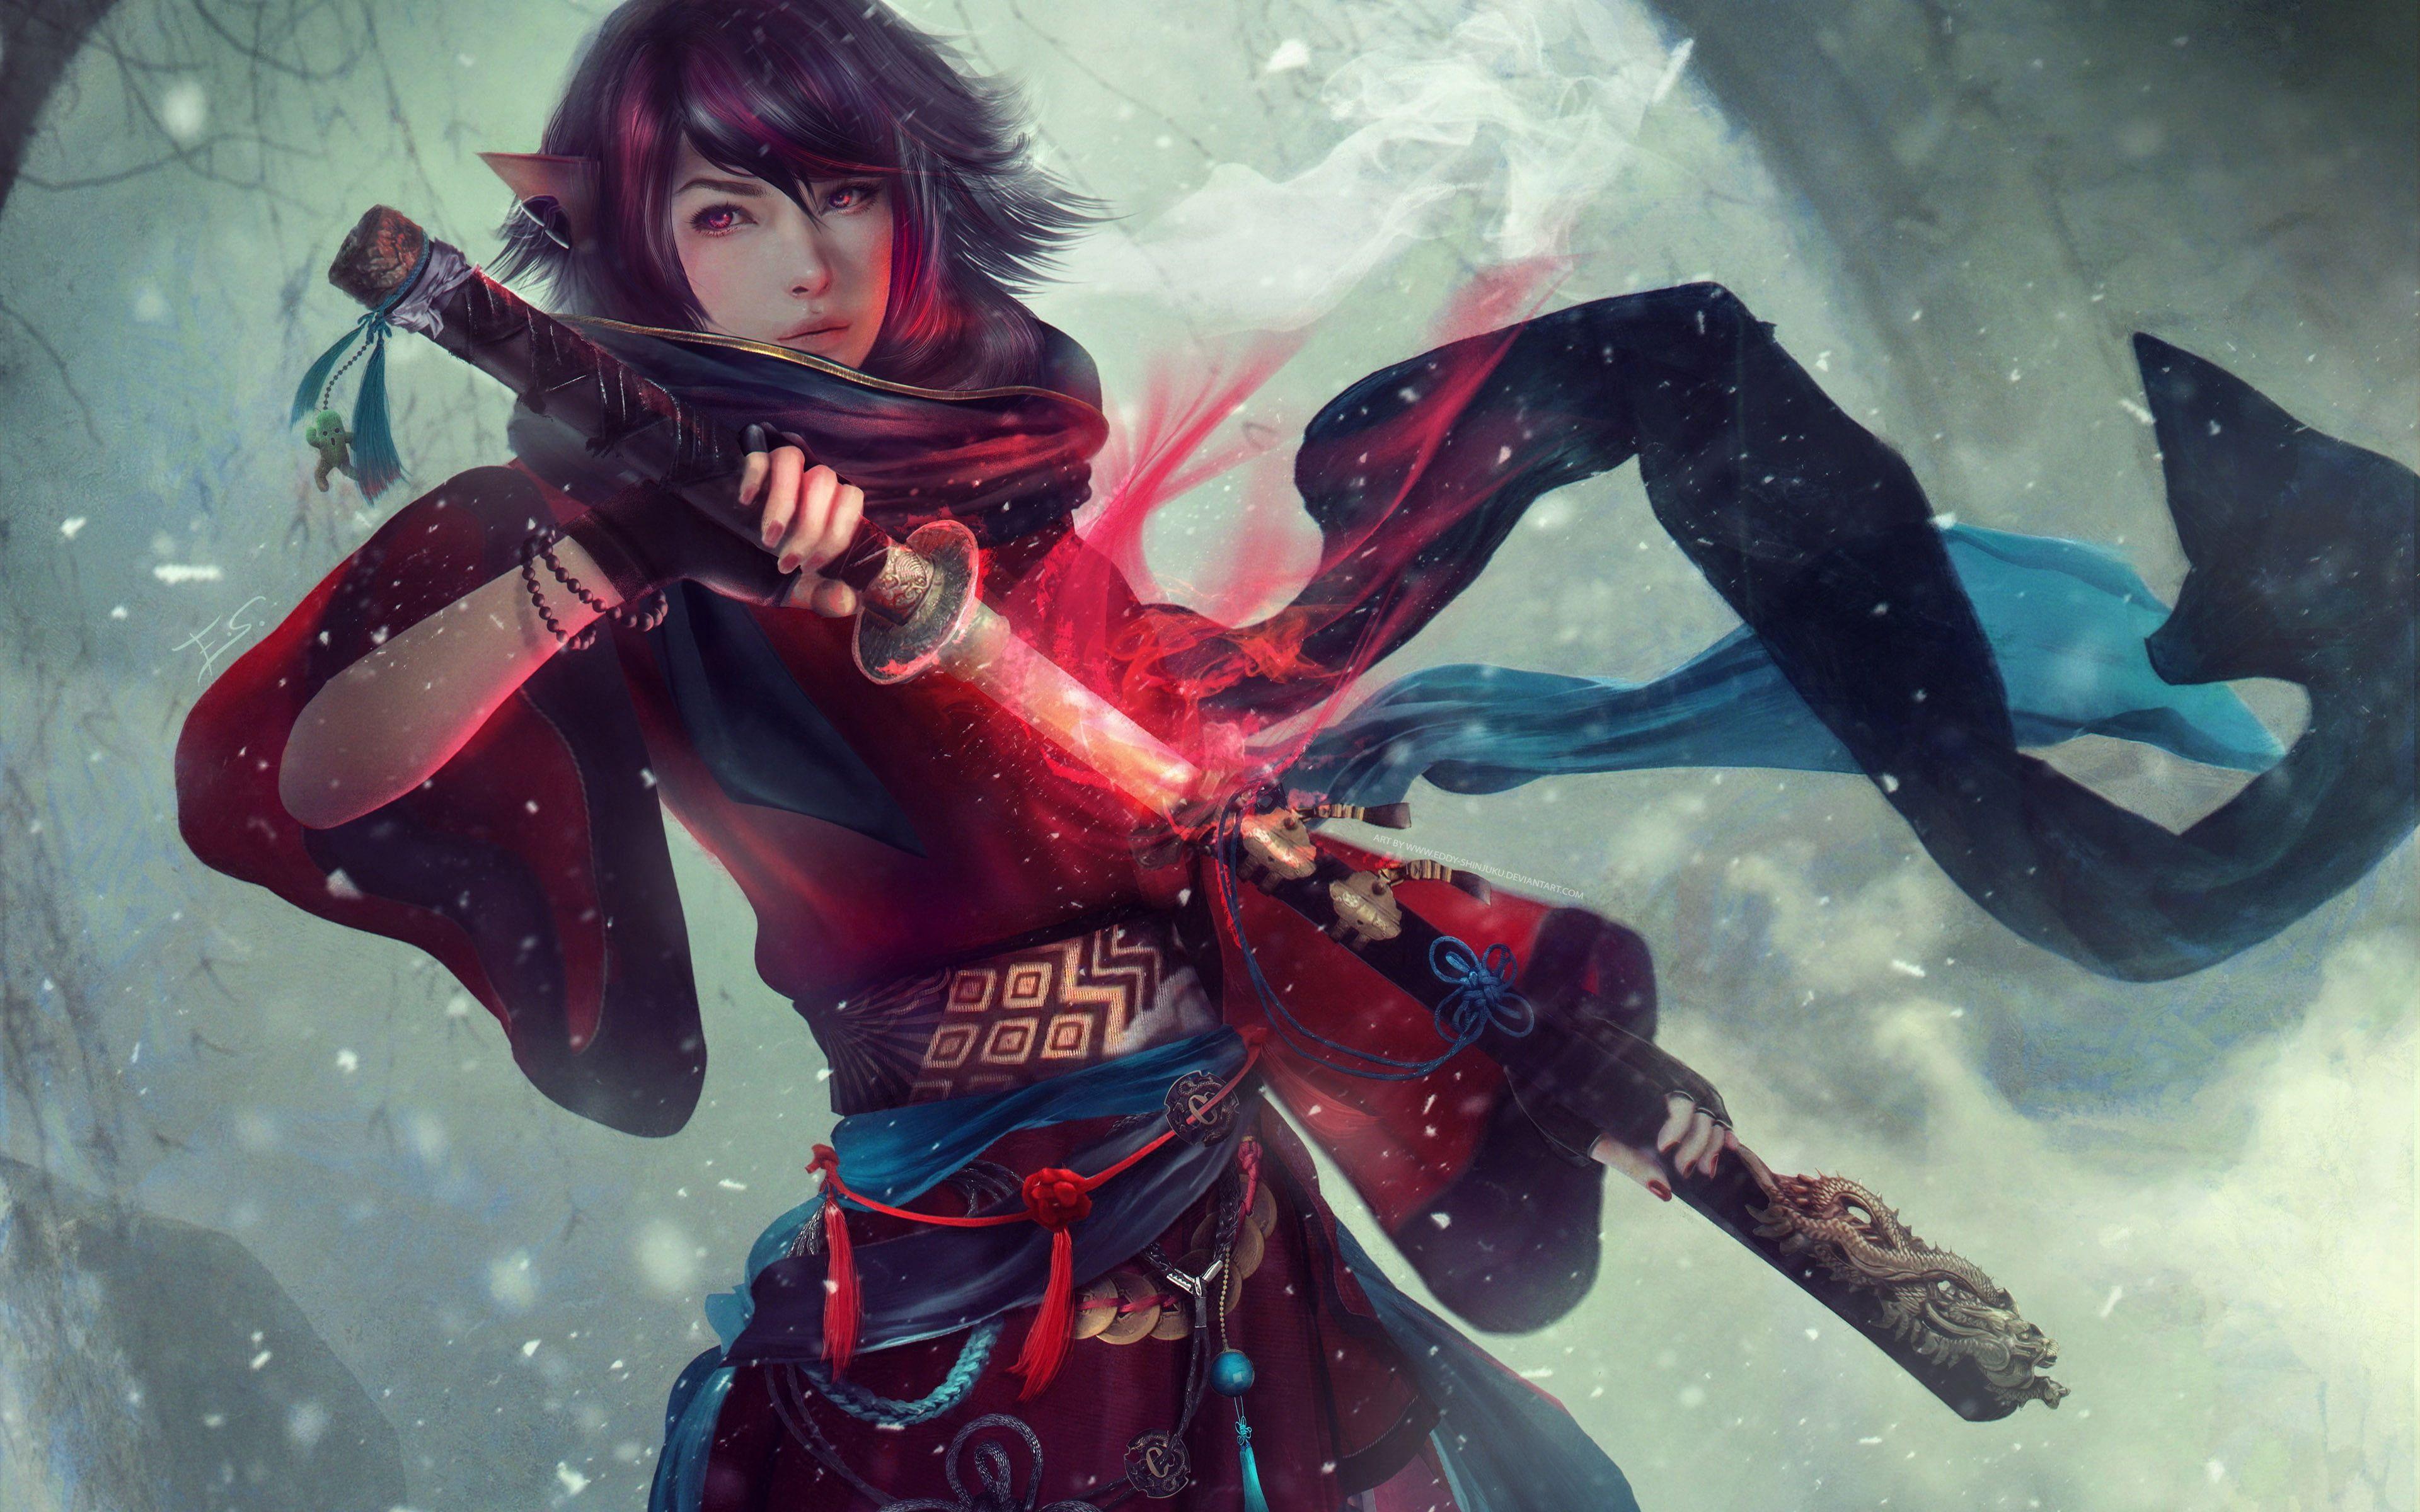 #women #Asian #artwork #samurai #sword fantasy art # ...  Final Fantasy Female Characters Wallpaper